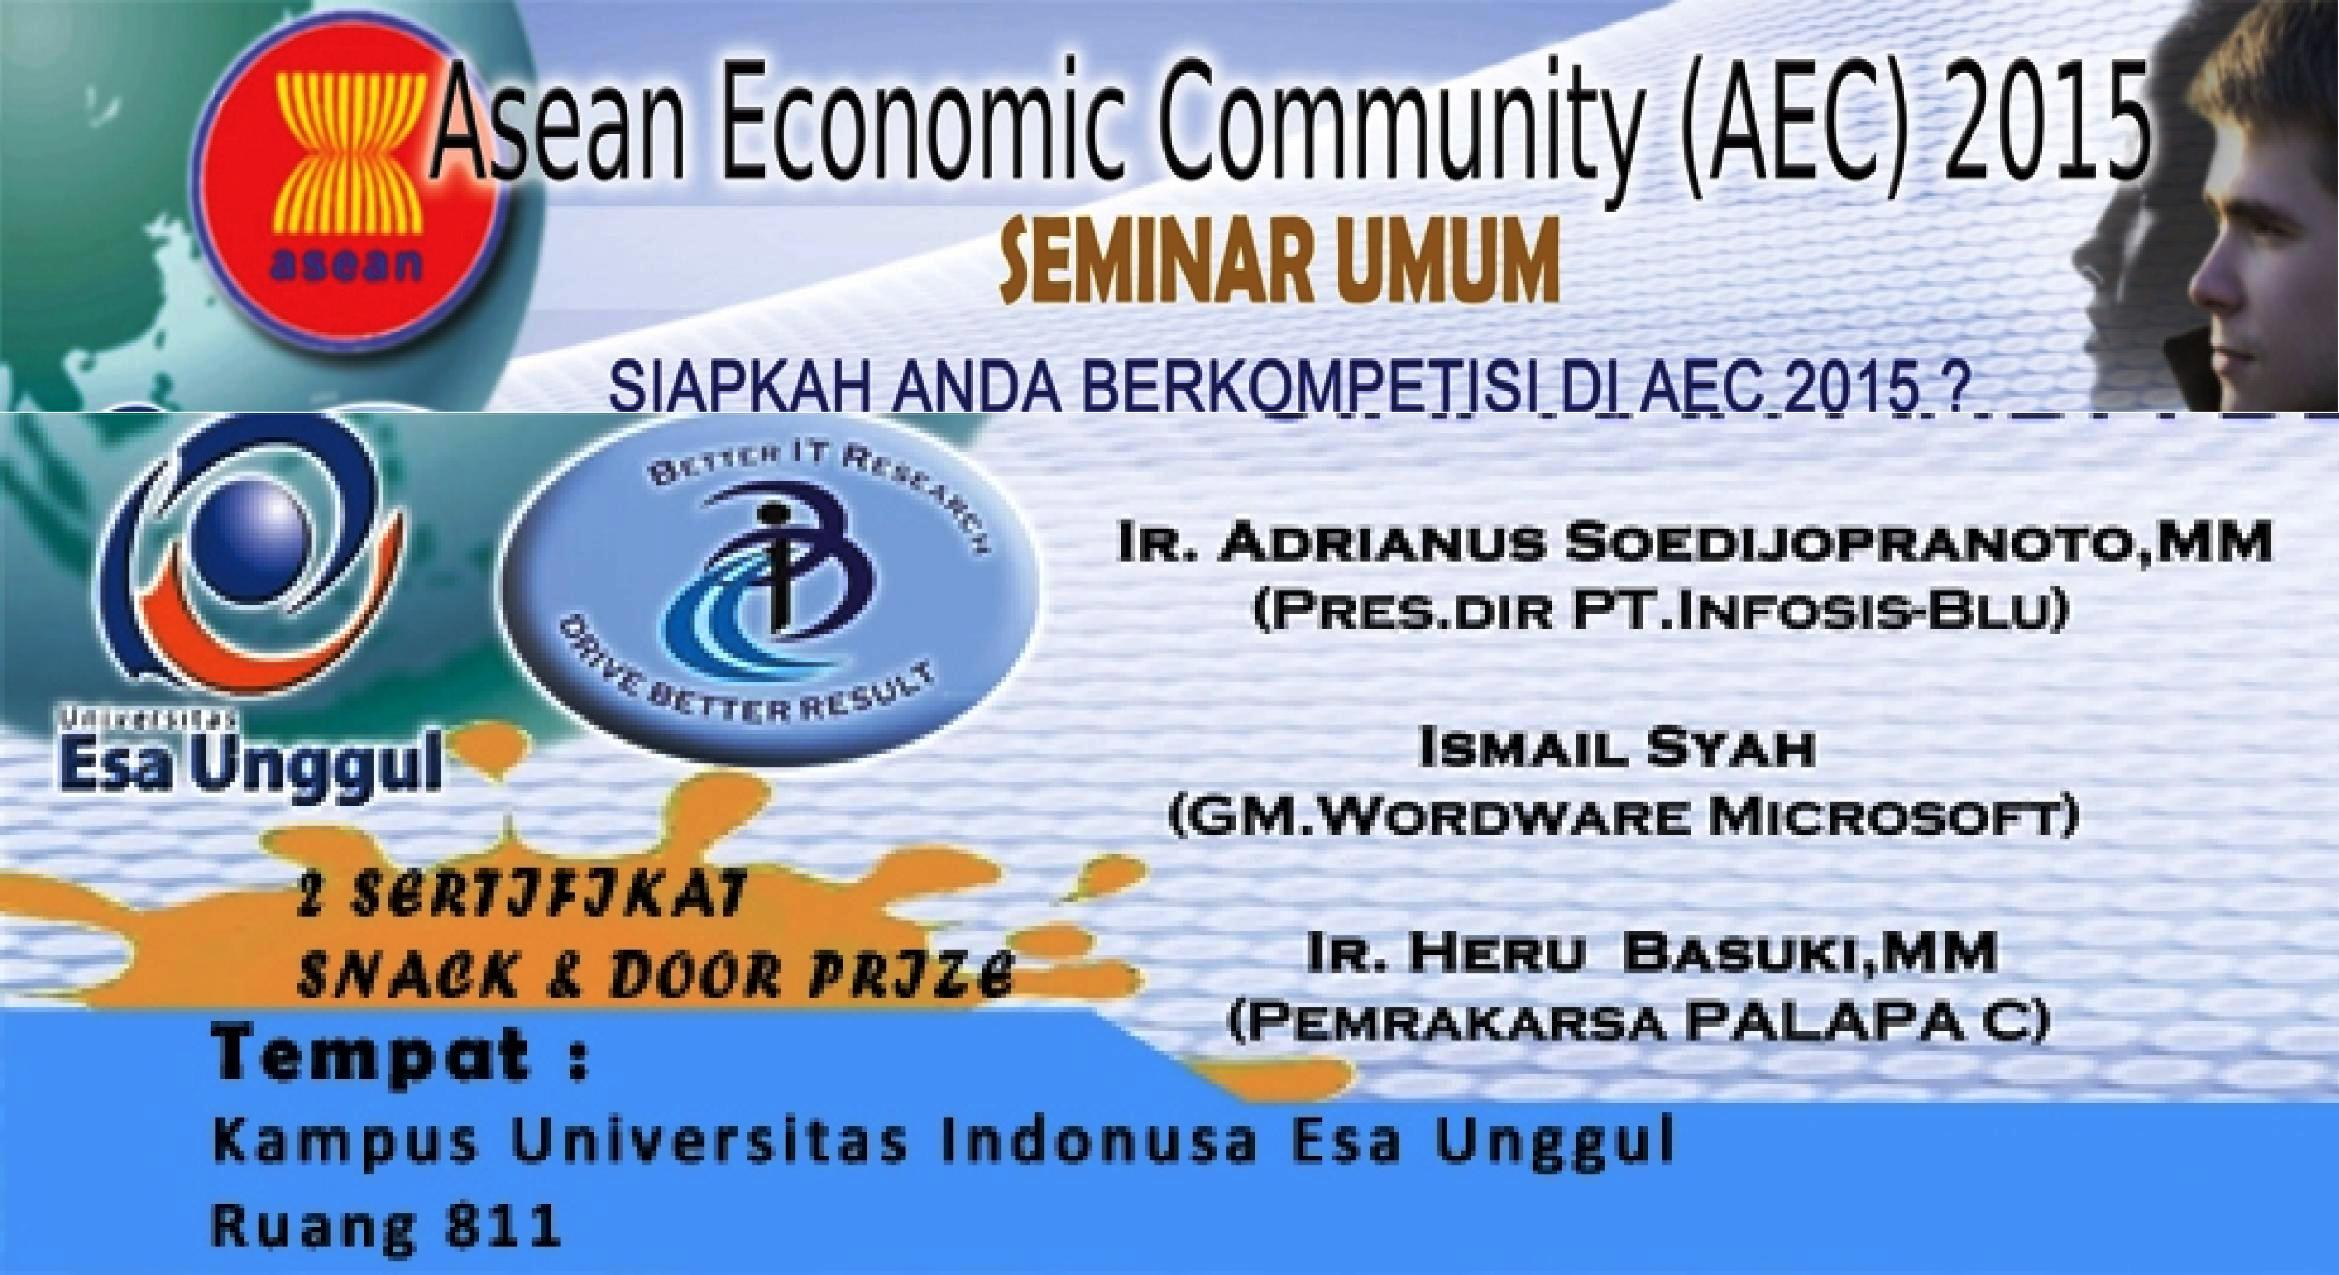 Seminar Asean Community (AEC) 2015